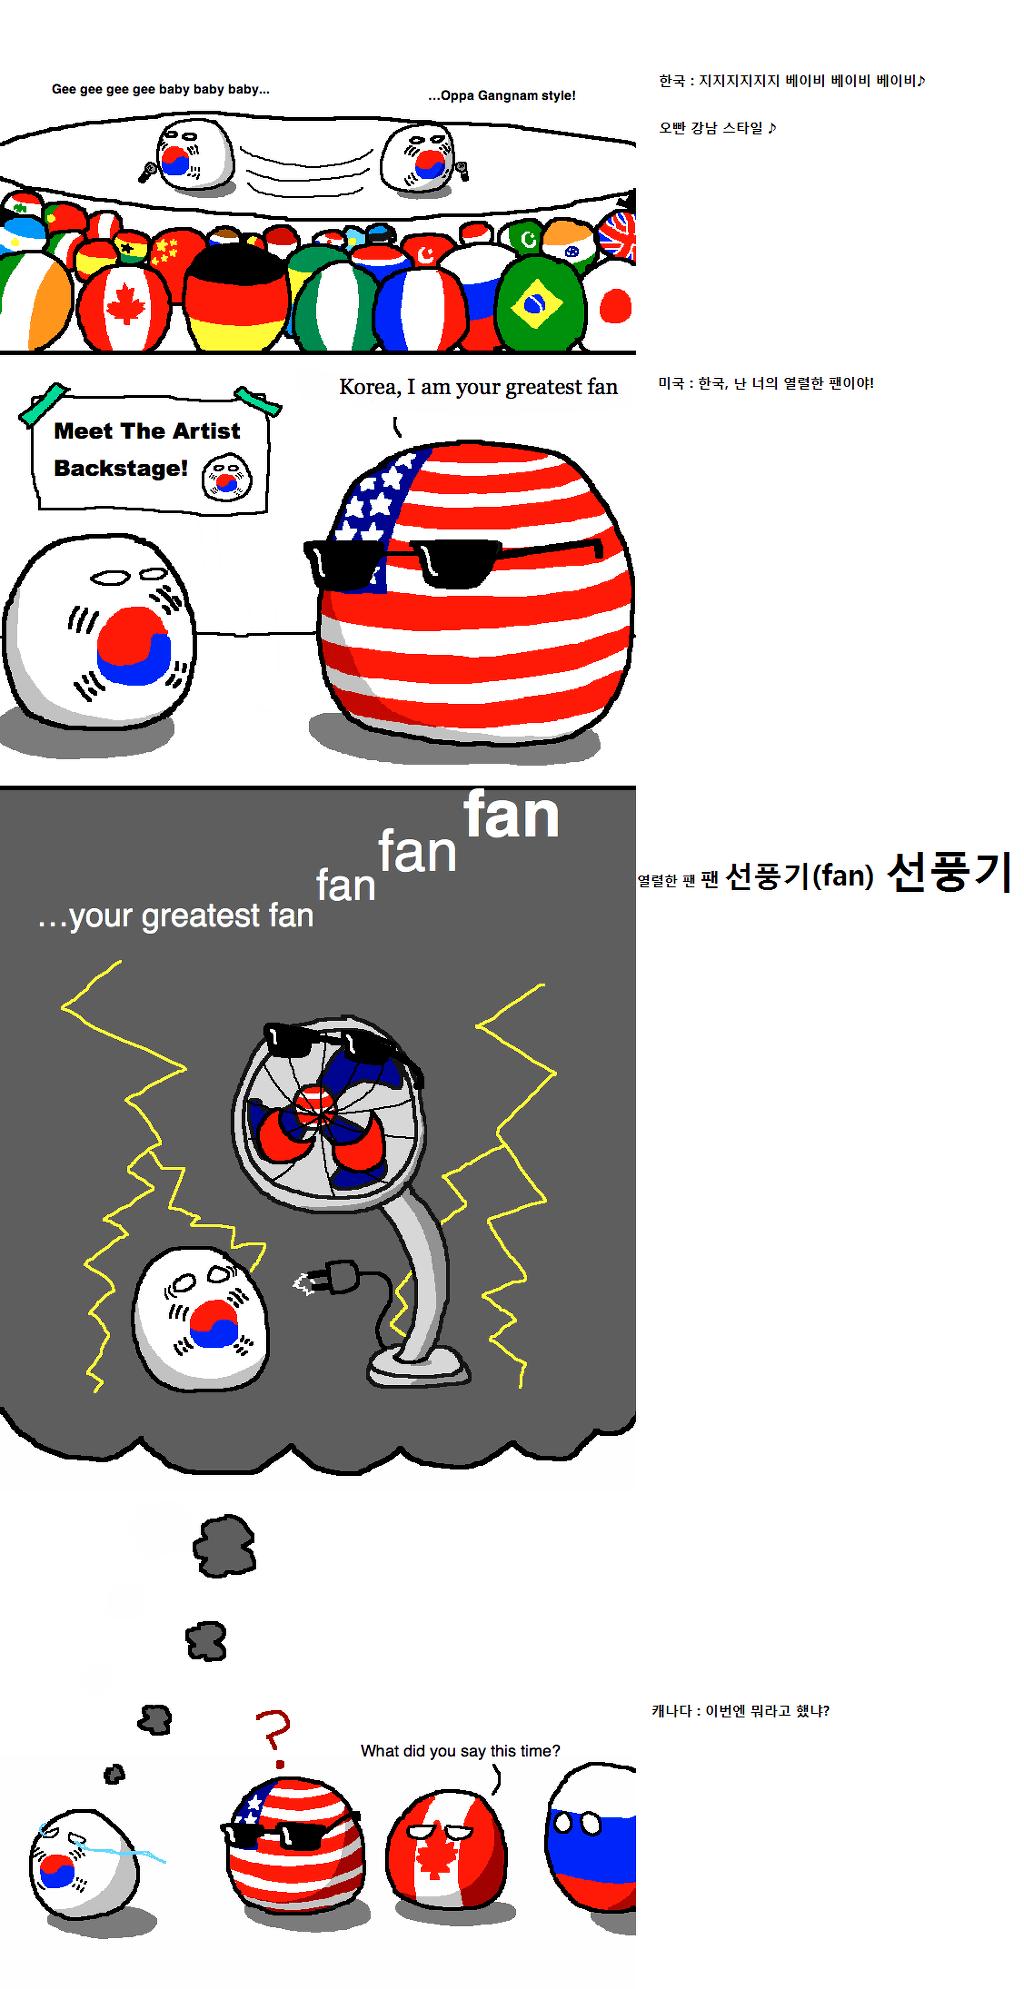 a0b1da319508c86aa3f7e98ecd72b25e.png 이제는 외국인도 모두 아는 한국인의 특징